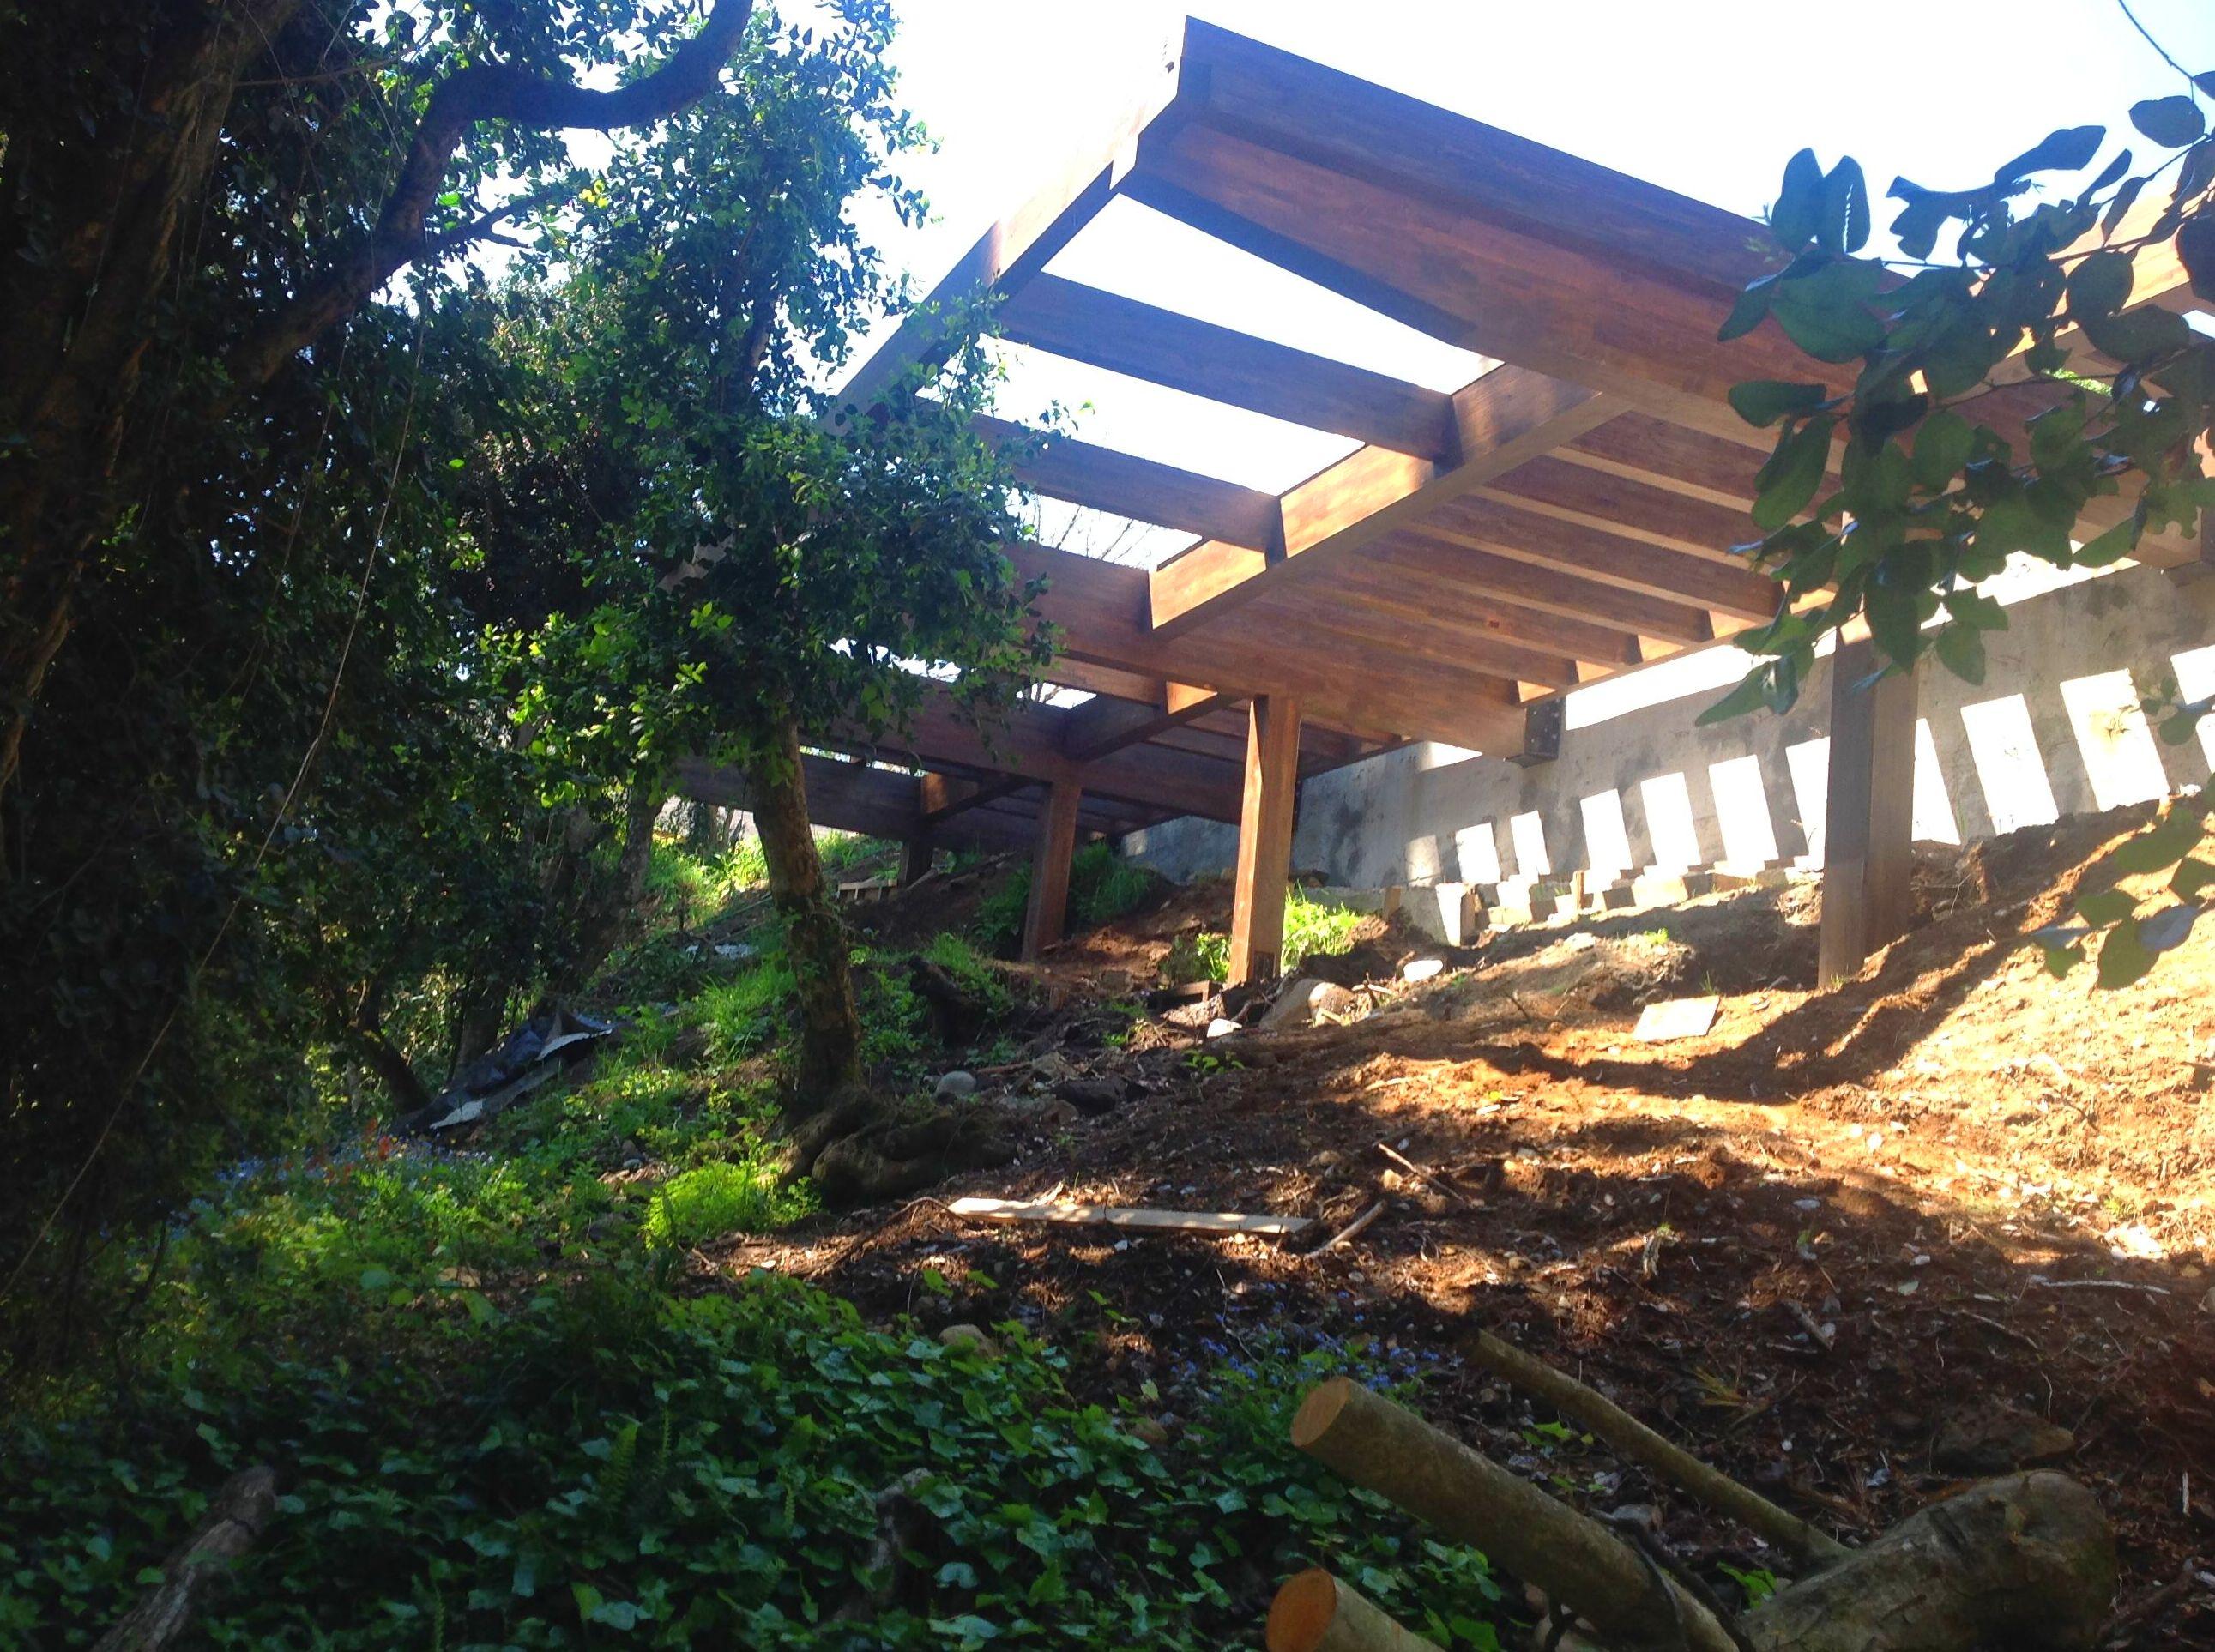 Estructura de madera para salvar desnivel del terreno